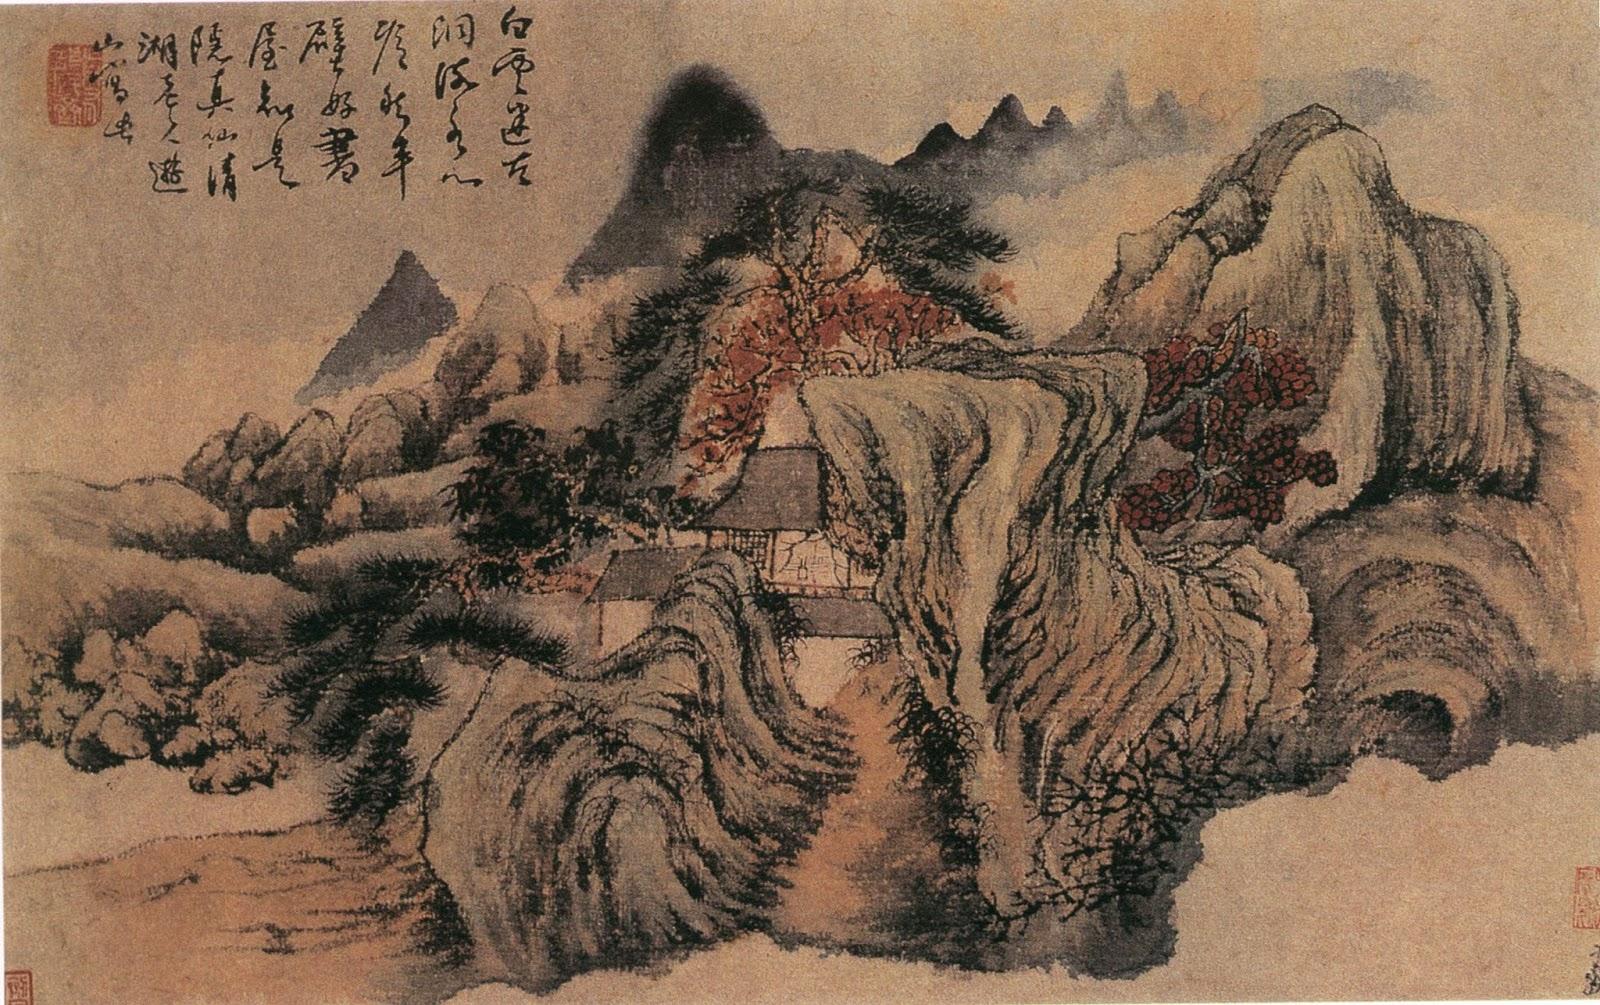 девочки картинки литература и искусство китая вам наскучили